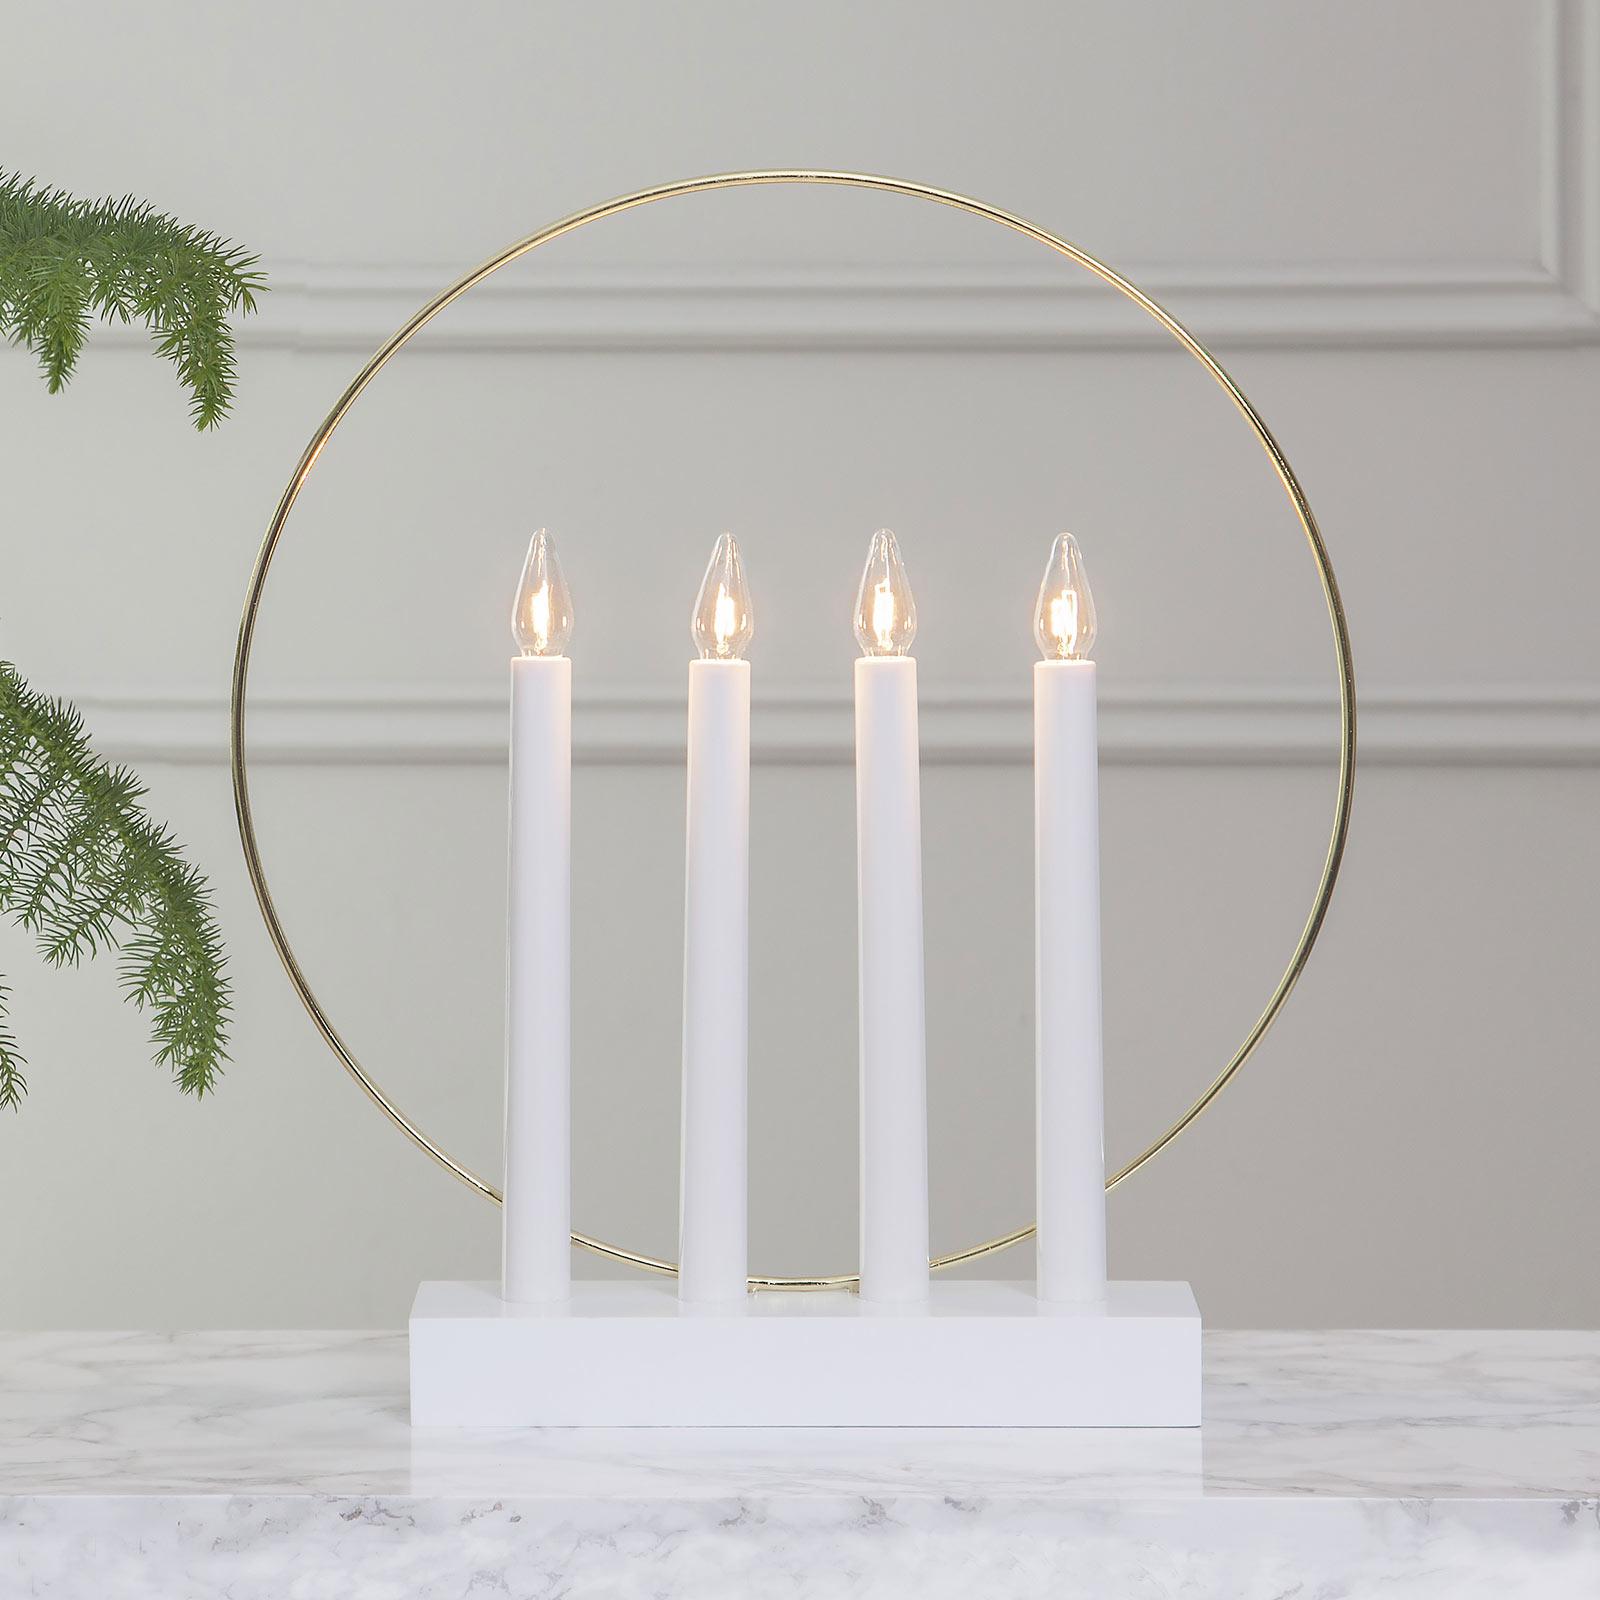 Świecznik okienny Glossy, Ring, 4-pkt. biały